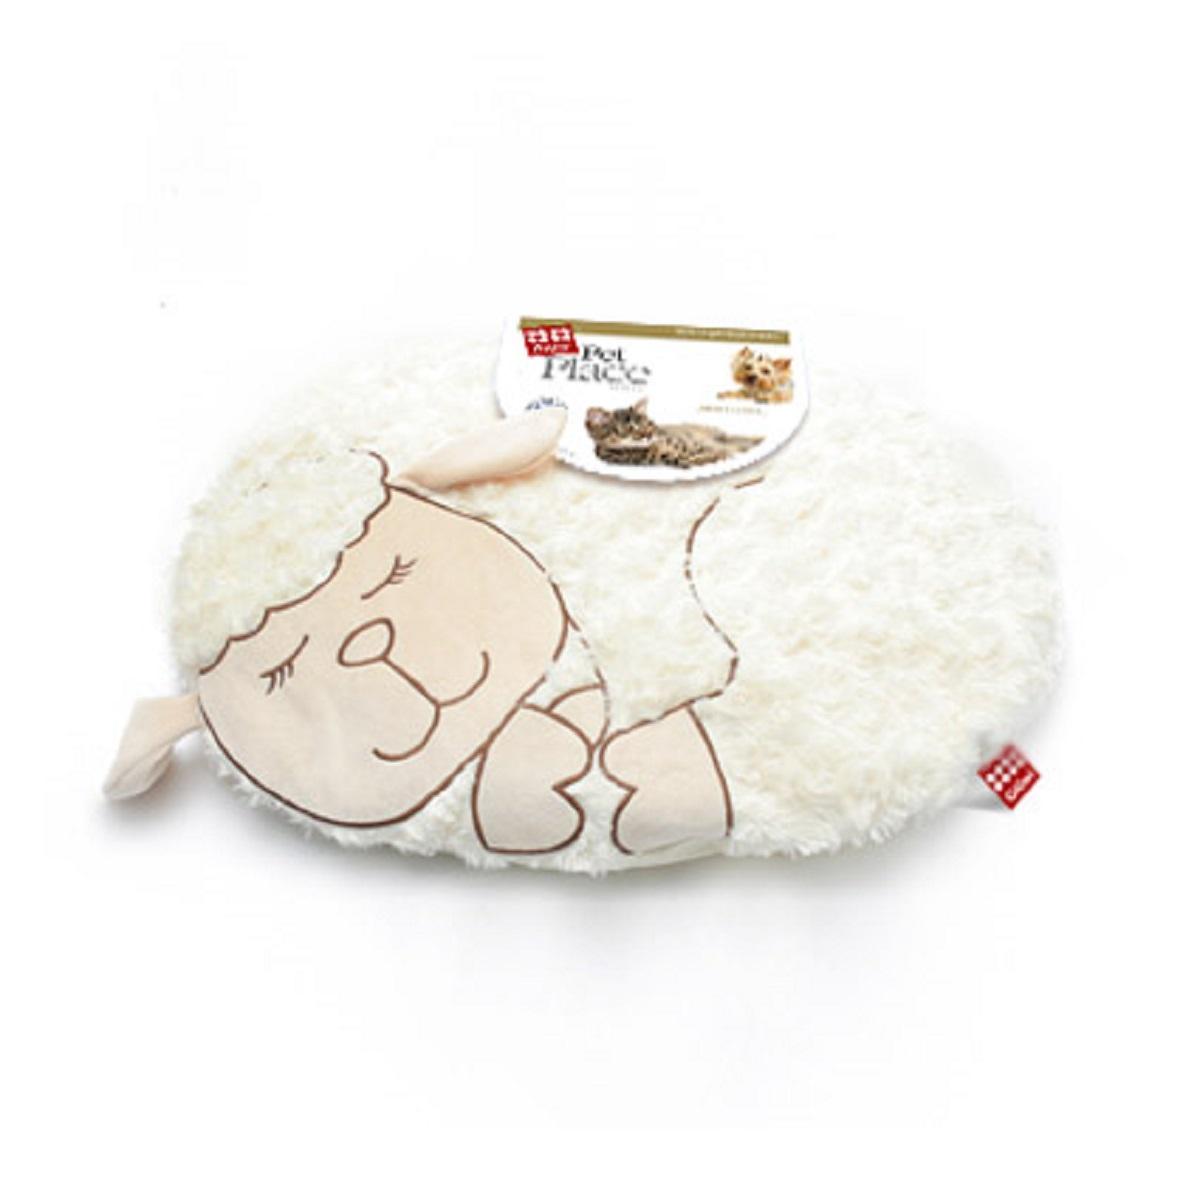 Лежанка с дизайном GiGwi Овечка 57 см0120710GiGwi Лежанка с дизайном Овечка 57 смЛежанка для небольших собак и кошек. Наполнитель полиэстер. Машинная стирка.